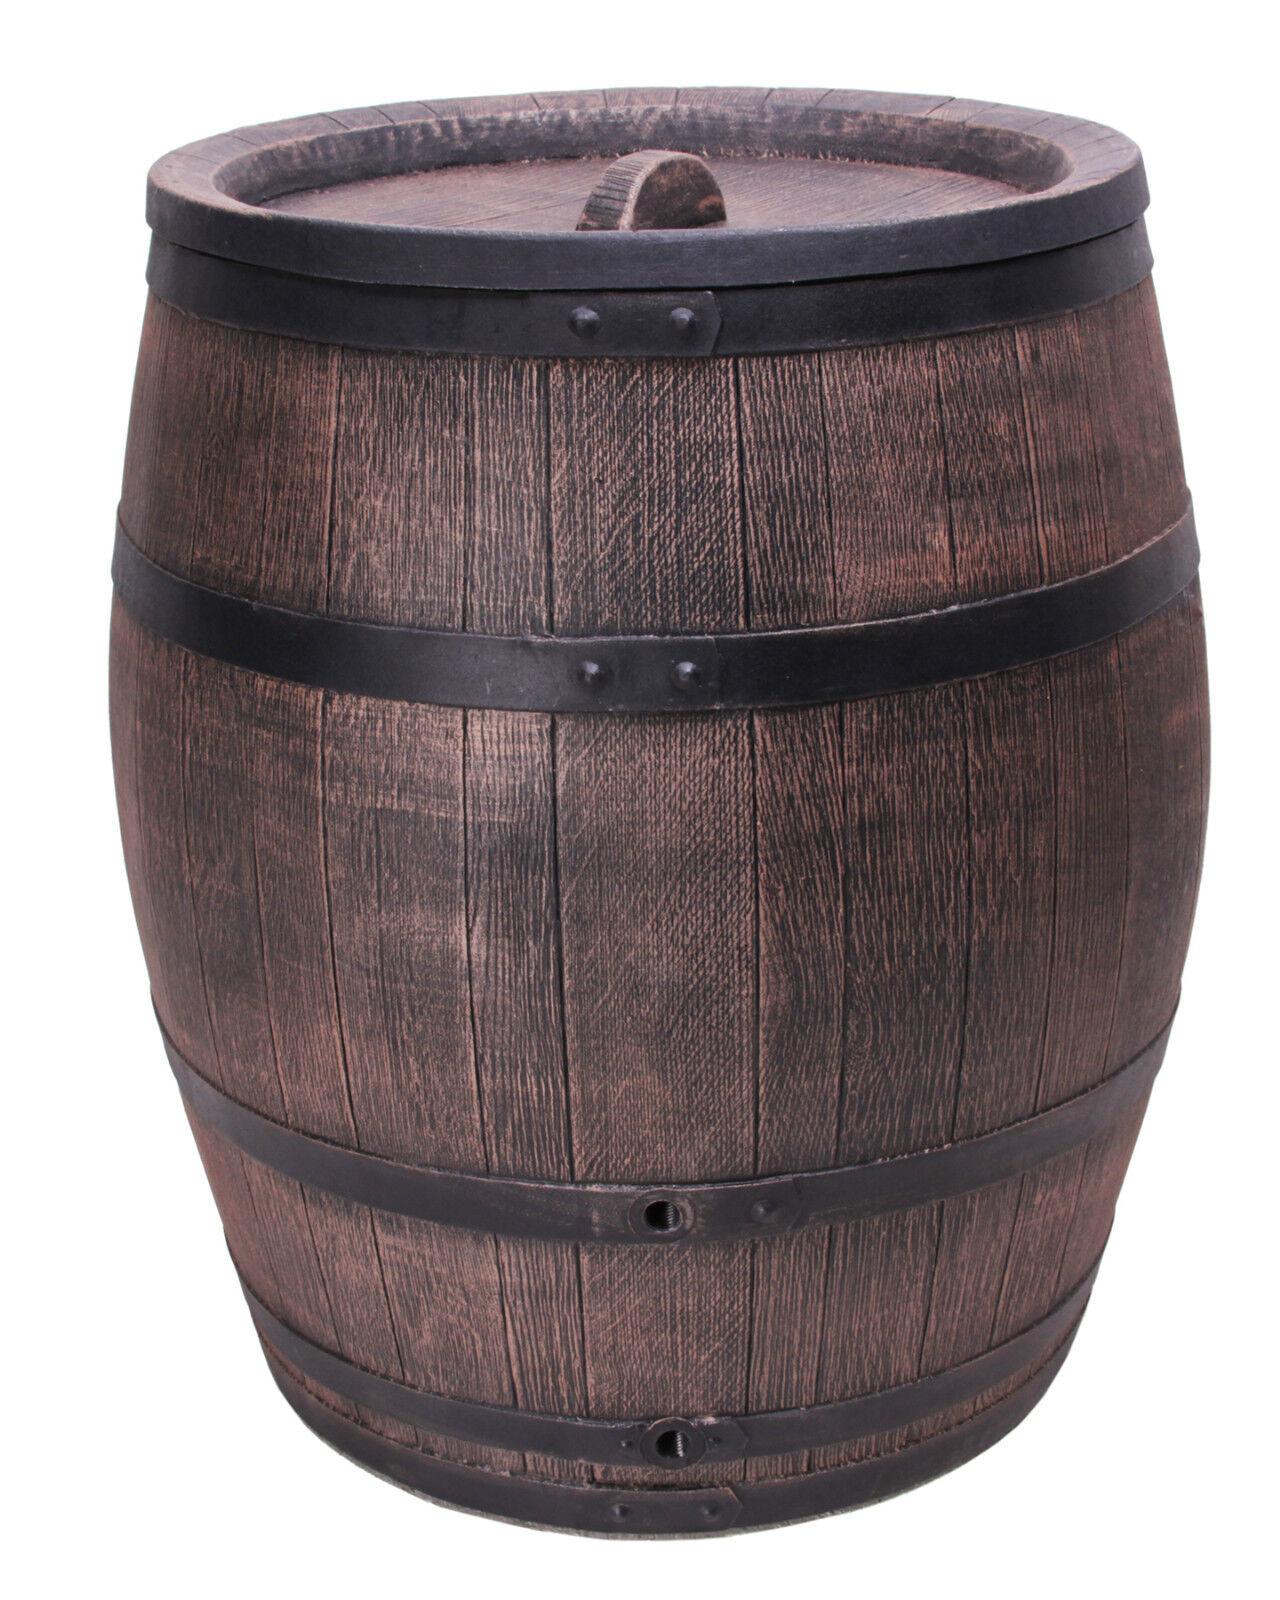 Ondis24 Eichenfass 240 240 240 Liter Regentonne Holzoptik Fass Wasserbehälter Kunststoff 8cd5f7